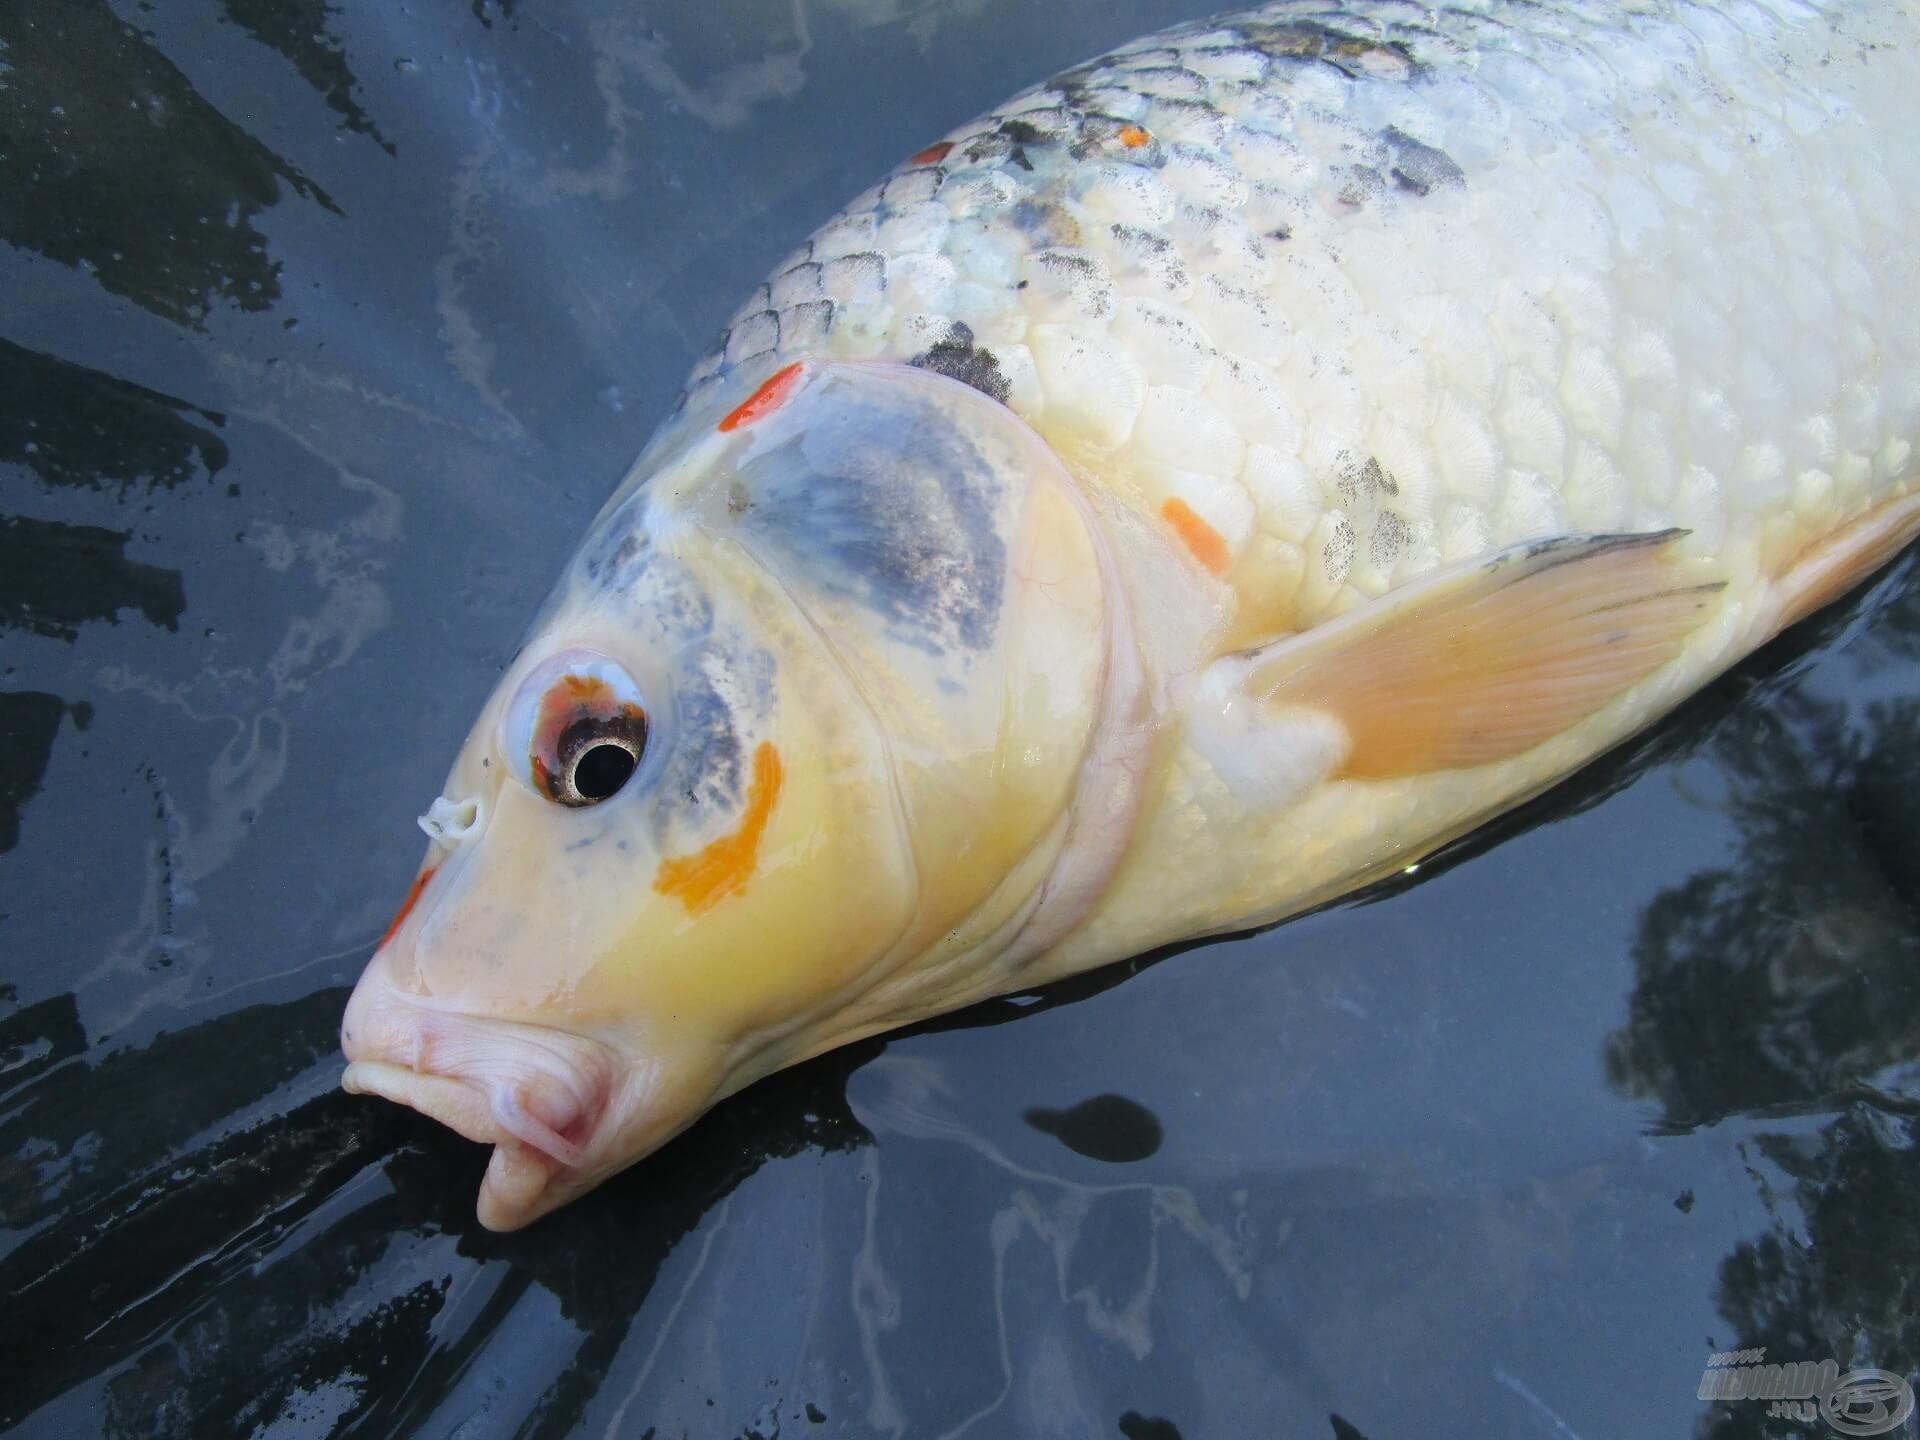 Koi pontyok is élnek a tóban. Ezek a különleges mintázatú halak hatalmas erővel küzdenek